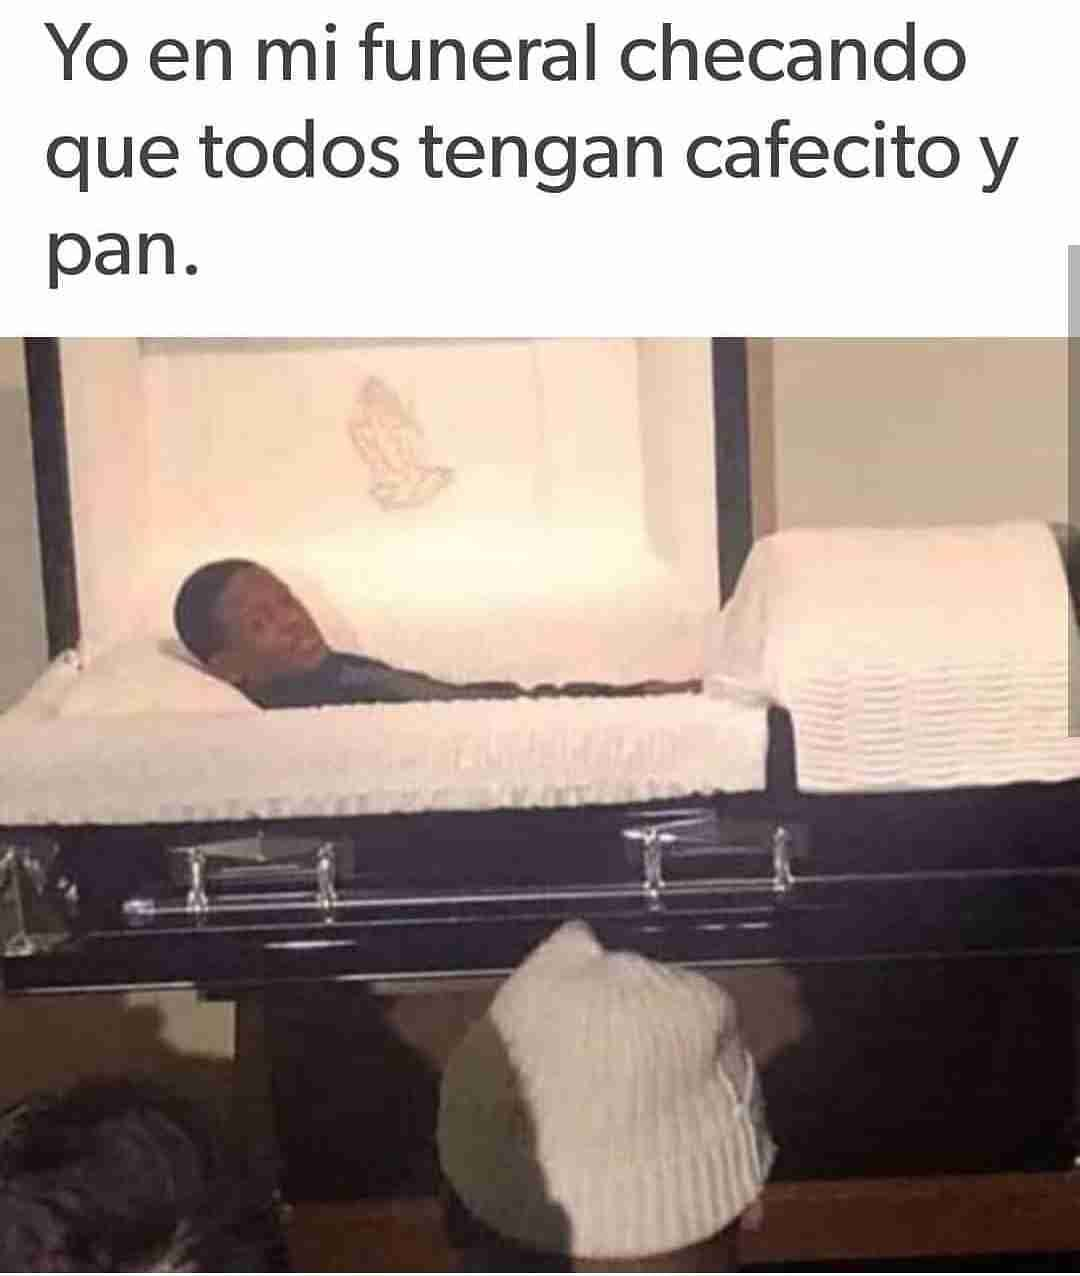 Yo en mi funeral checando que todos tengan cafecito y pan.